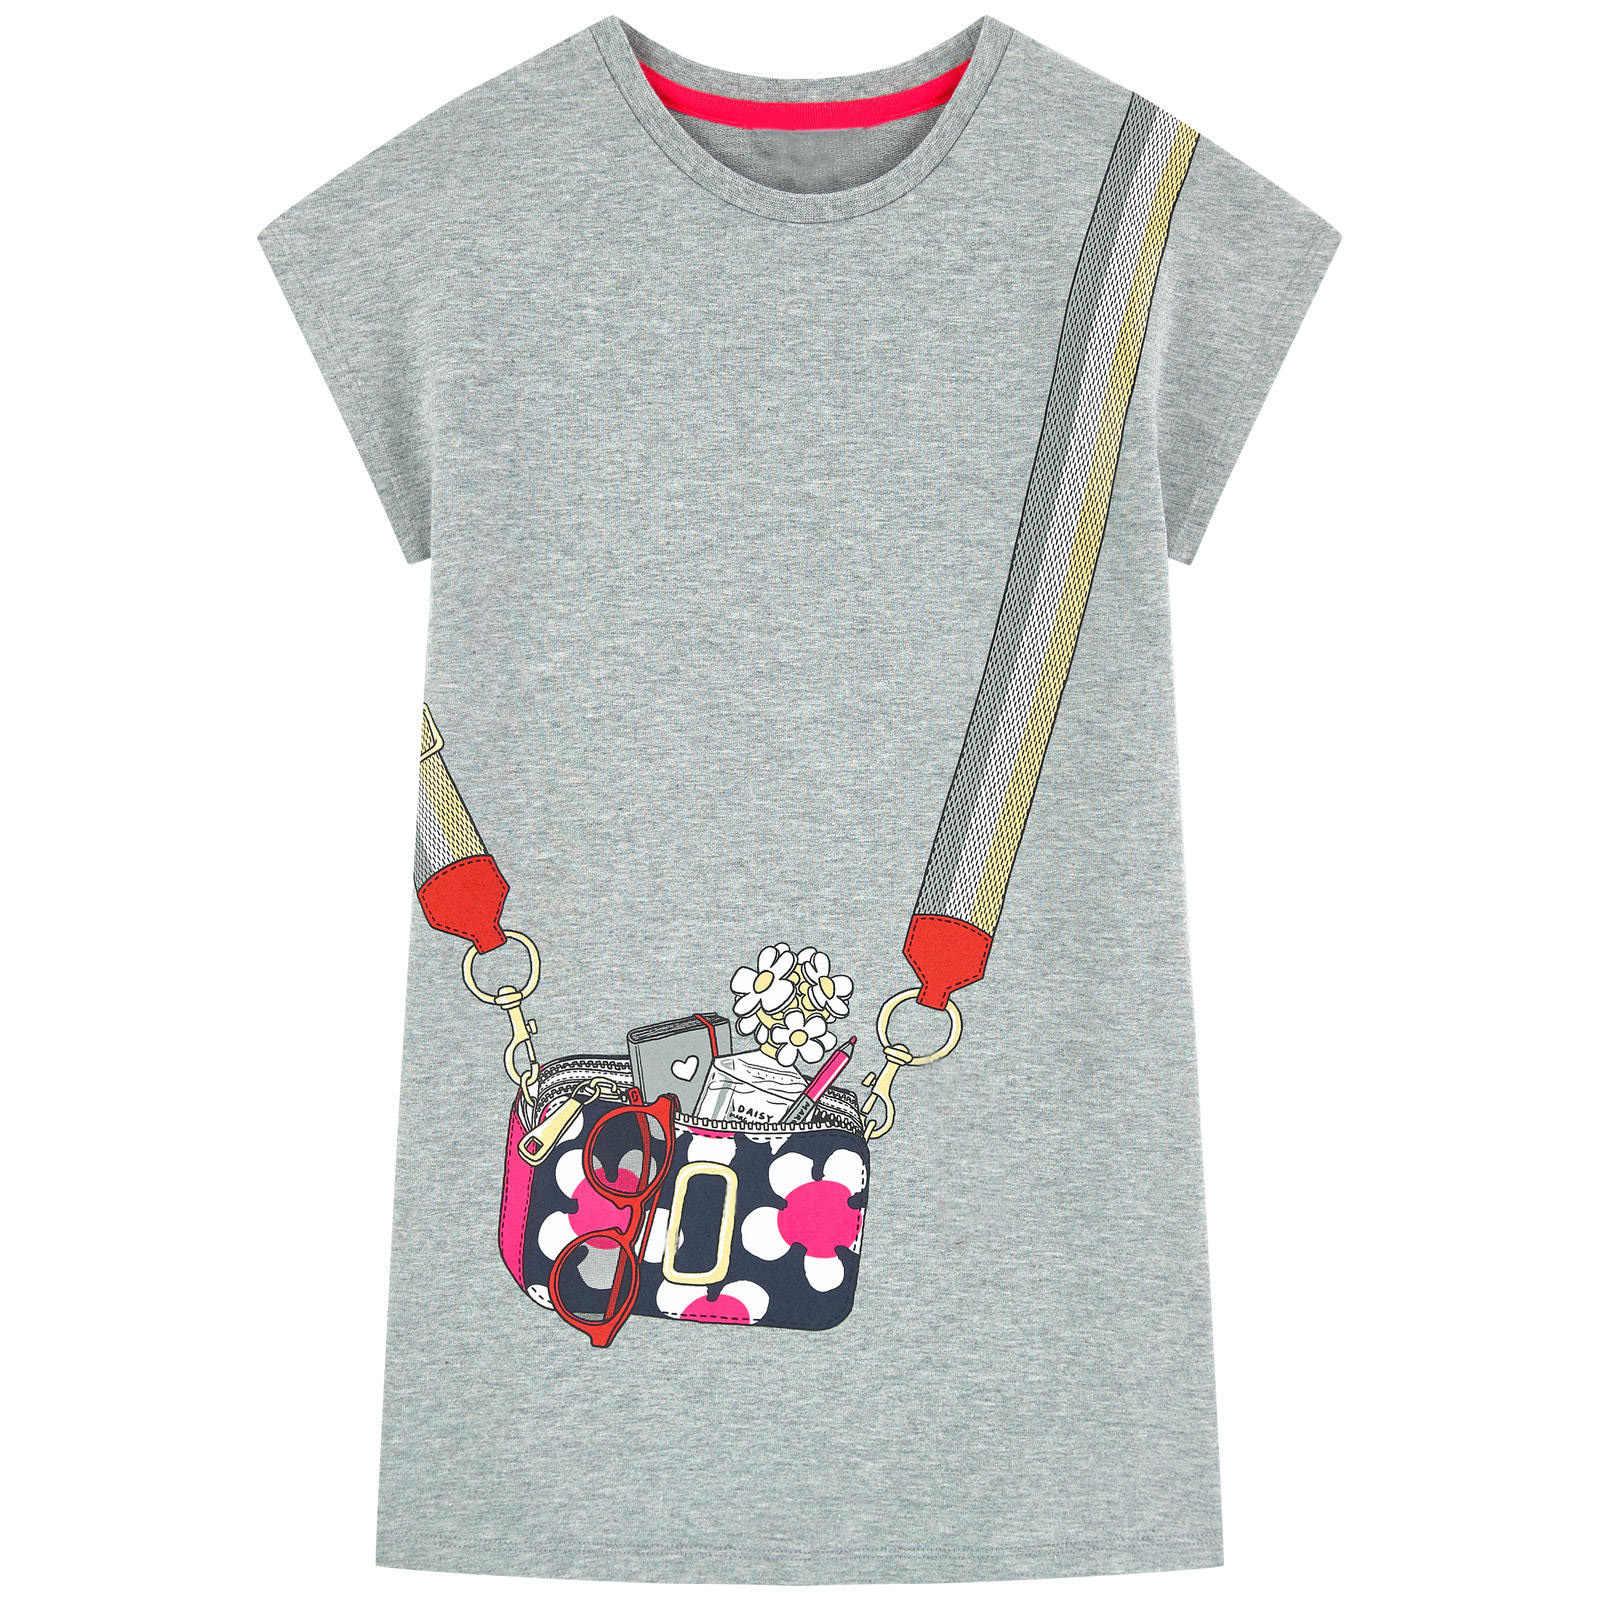 فساتين صيفية للأطفال البنات رداء Enfant فستان الأميرات ازياء للأطفال ملابس قوس قزح مطبوعة 100% ملابس قطن للبنات من الجيرسيه